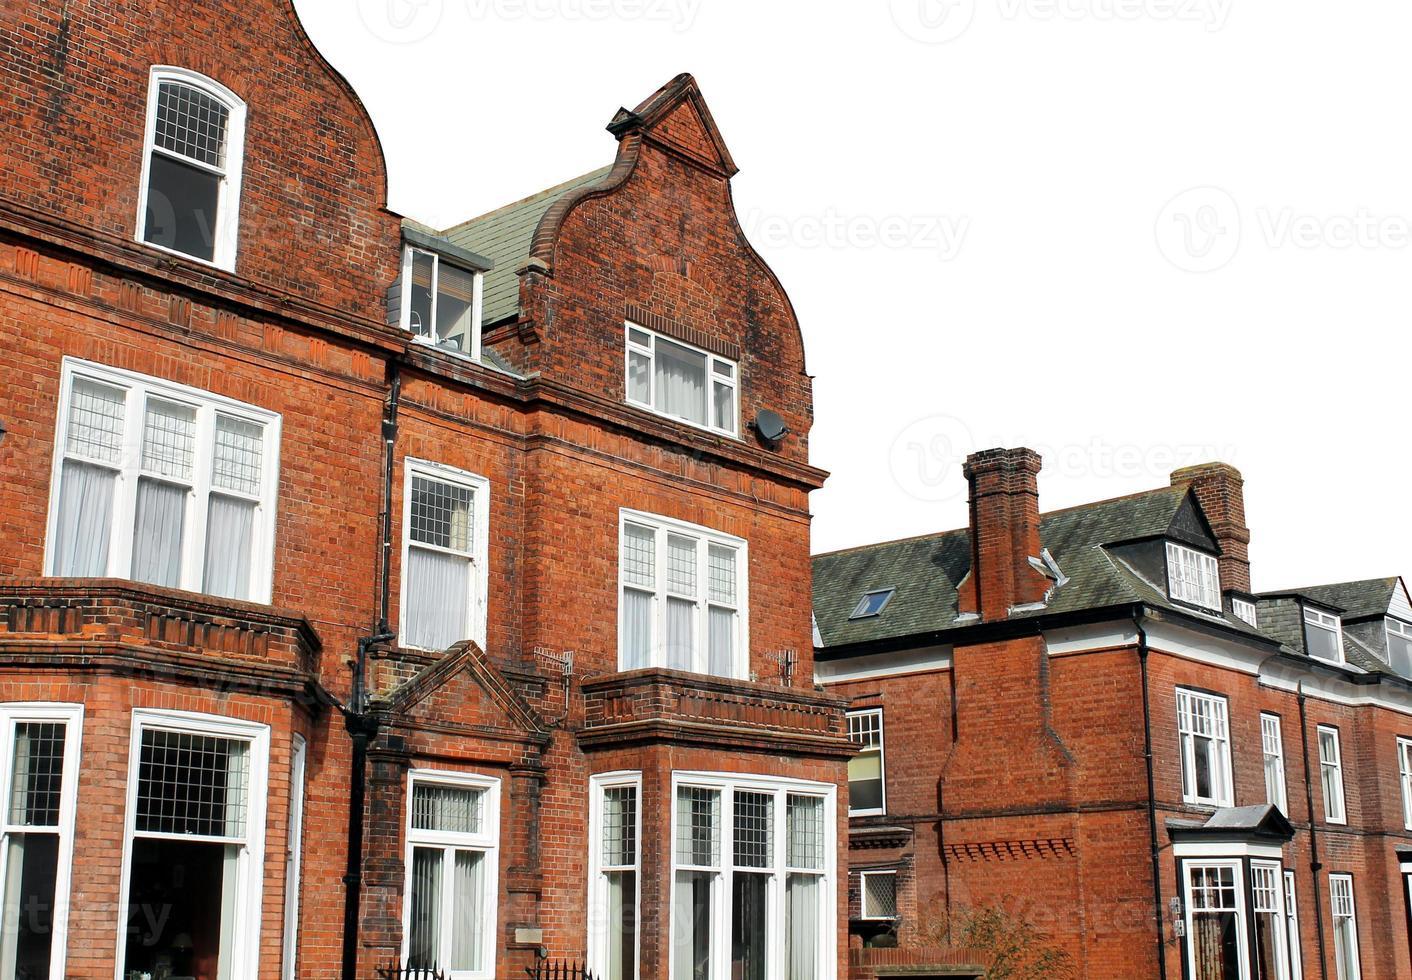 rote Backsteinhäuser in der Straße foto